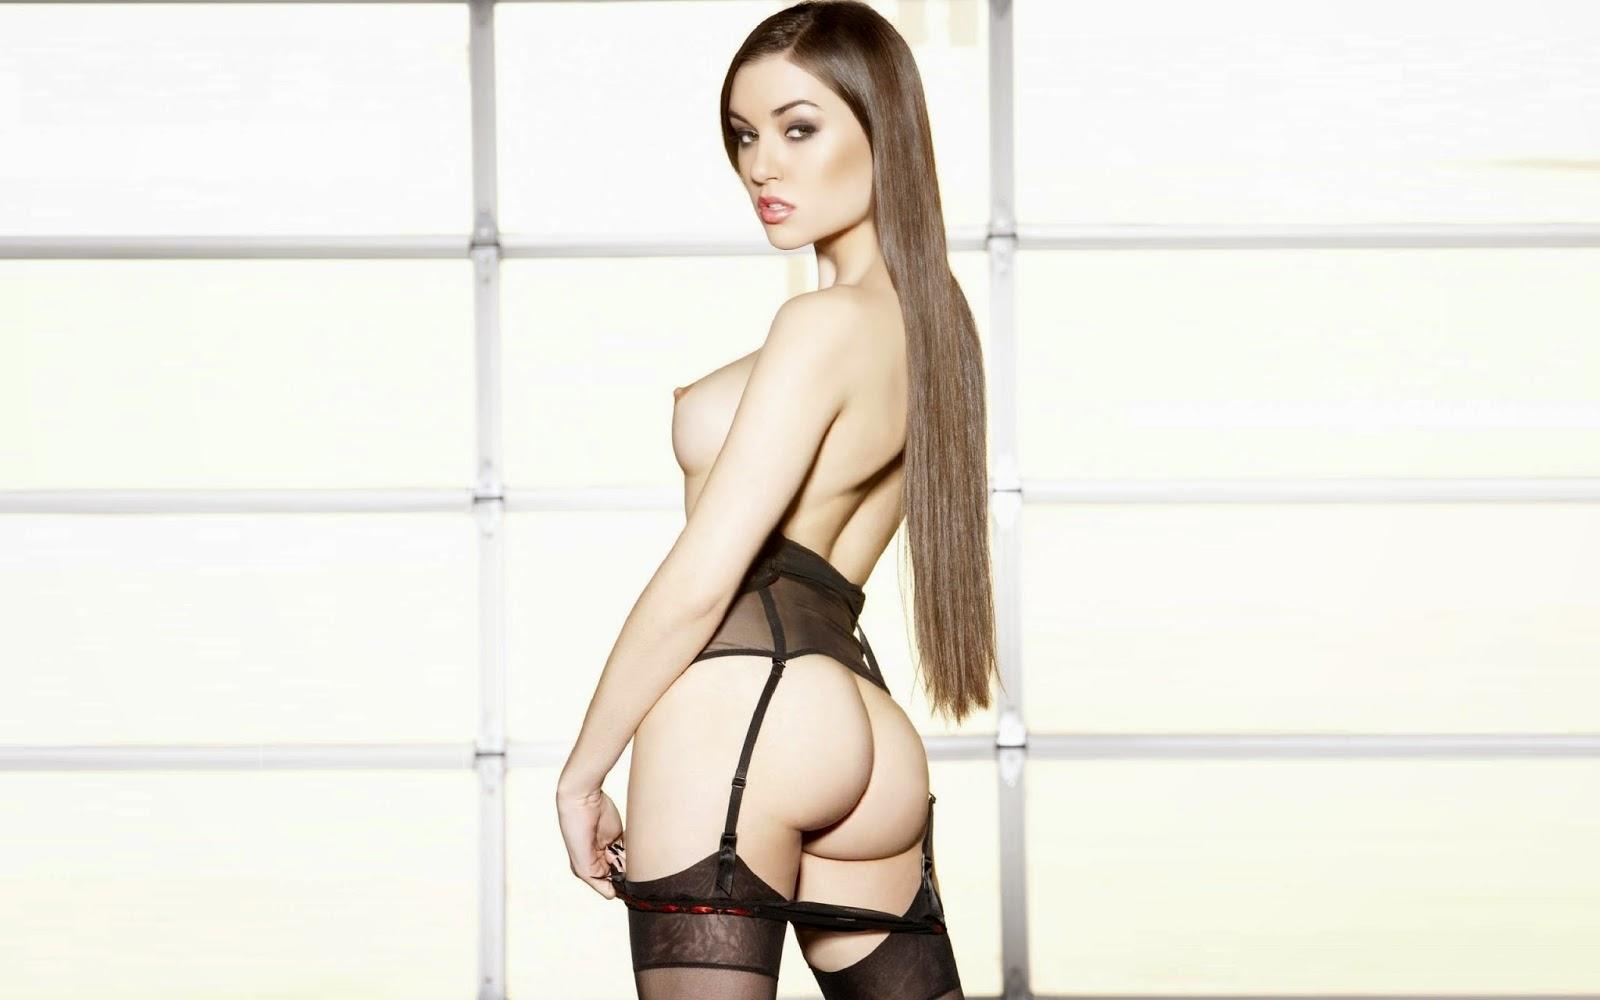 Xxx hot sexy girls wallpaper